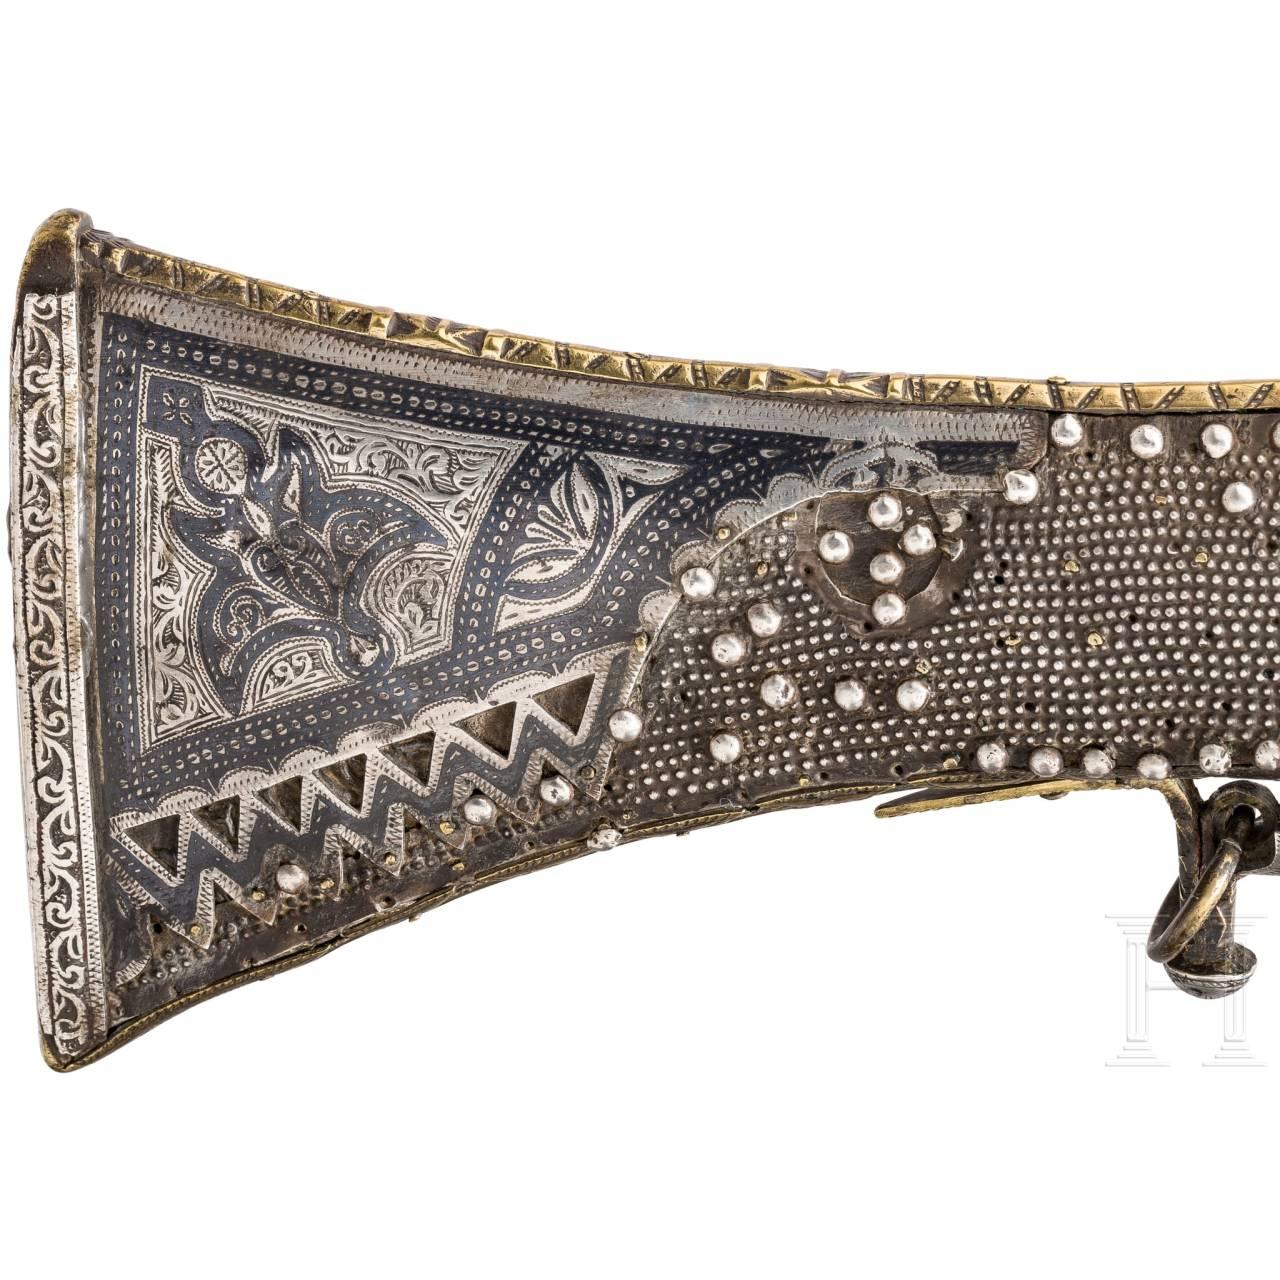 Silbermontierte, niellierte Prunk-Moukhala, Marokko, 19. Jhdt.